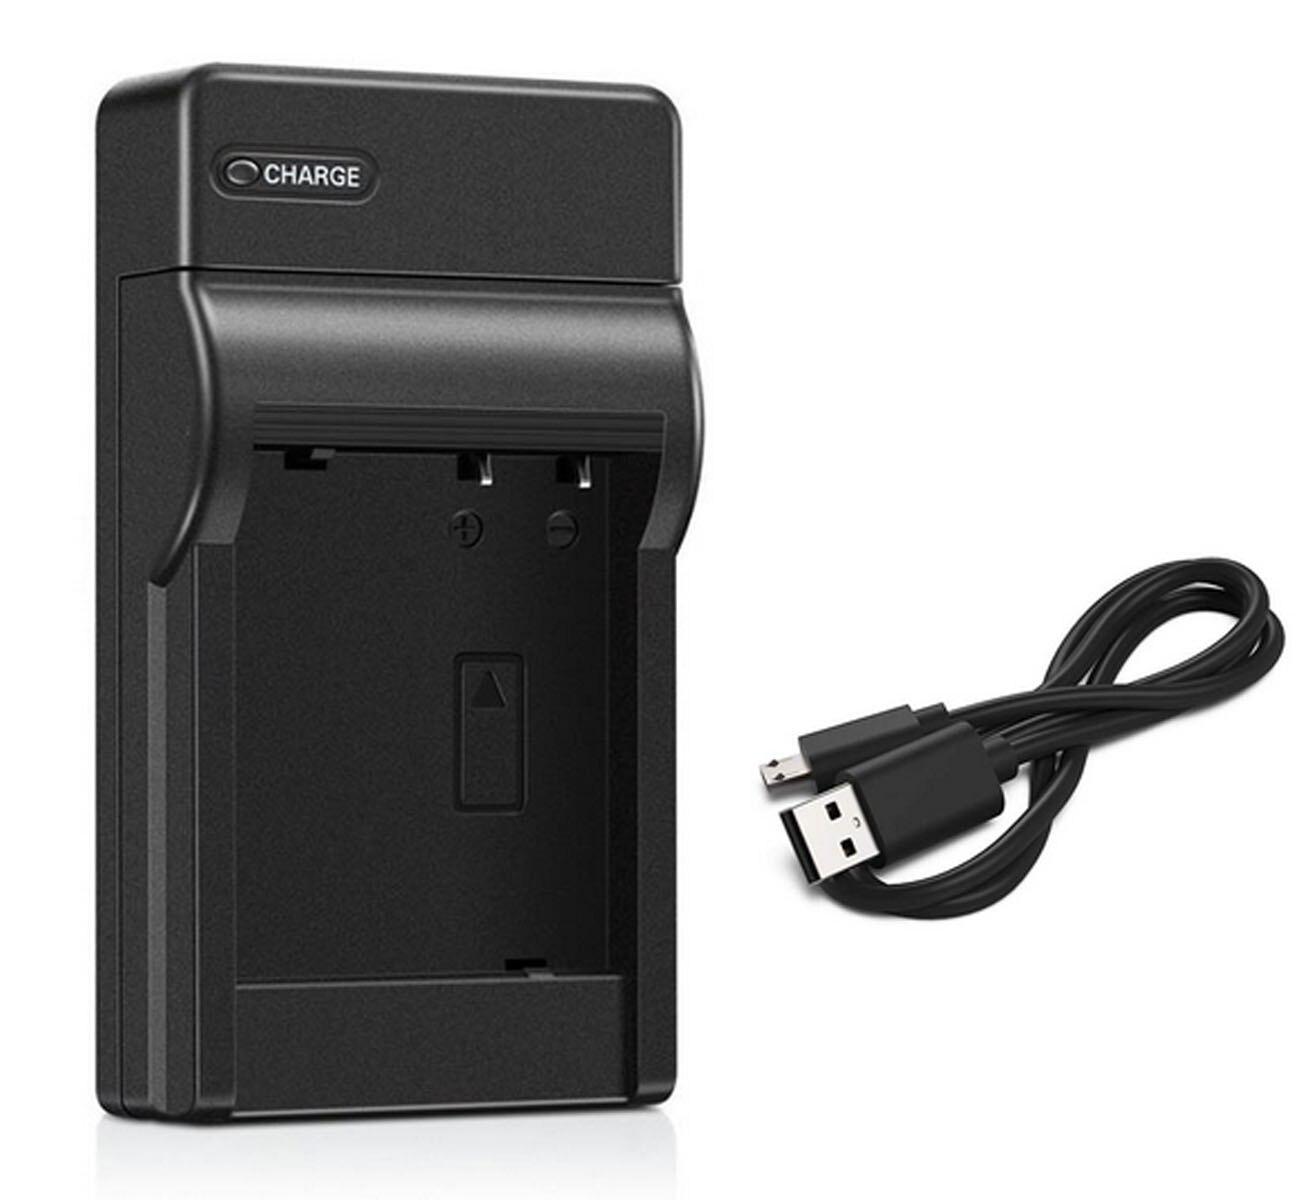 Cargador de batería para Sony FDR-AX1E, HDR-HC1E, HDR-SR1E, HDR-UX1E, HDR-FX1E, HDR-FX7E, HDR-FX1000E